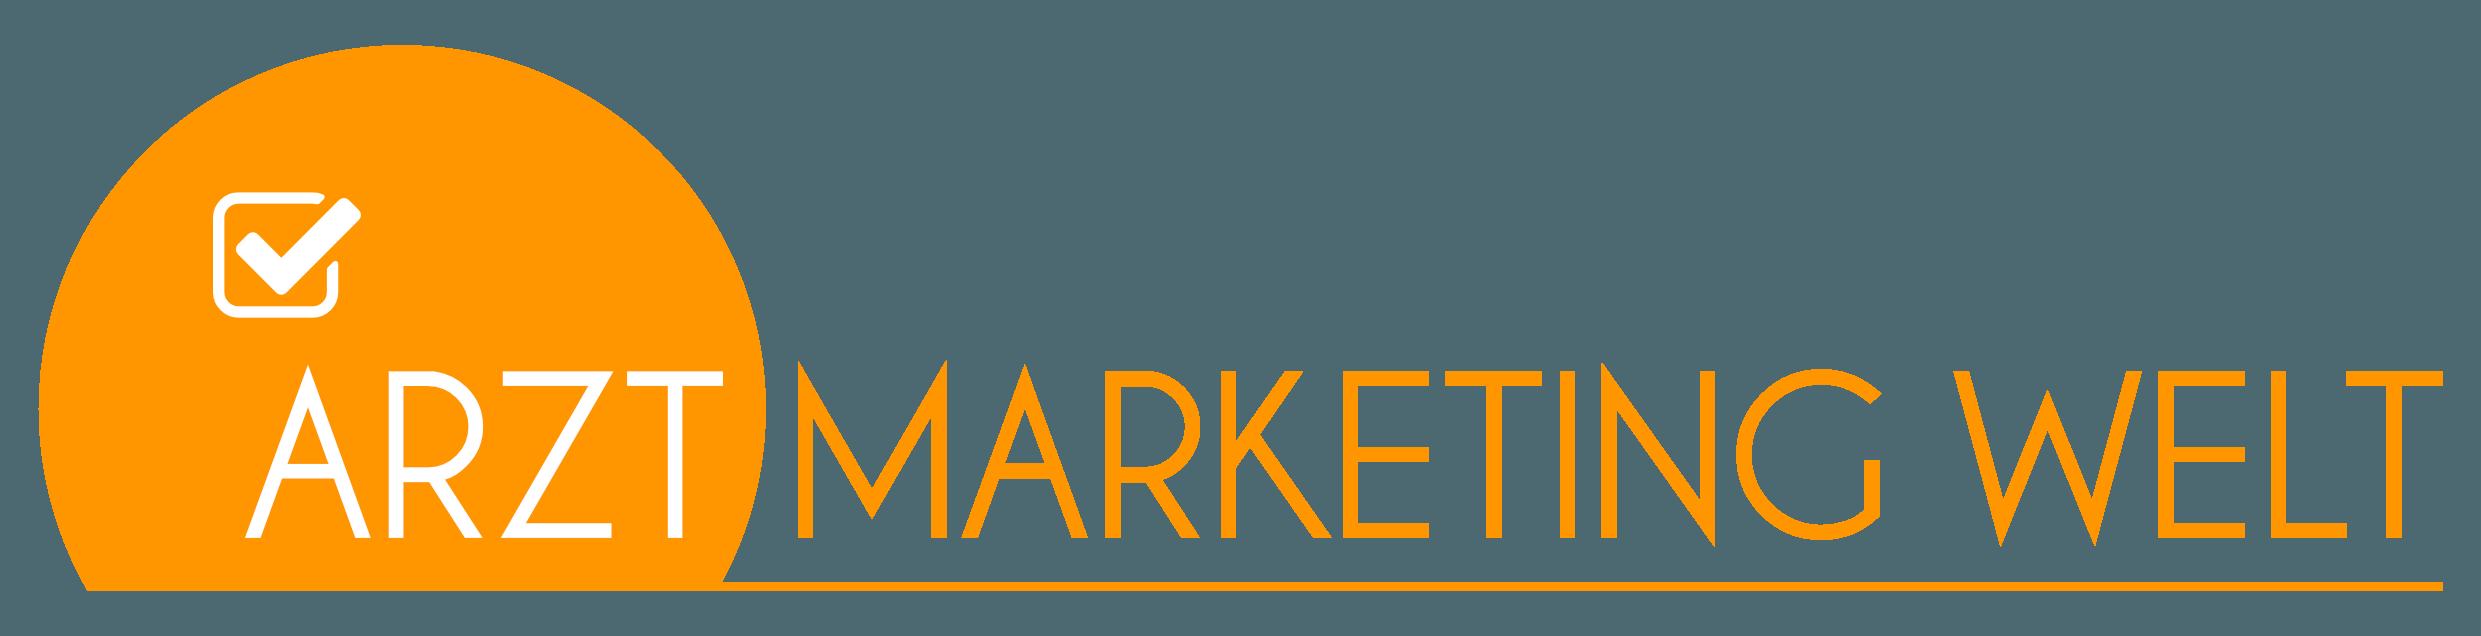 Arzt Marketingwelt | Professionelles Marketing für Arztpraxen und niedergelassene Ärzte